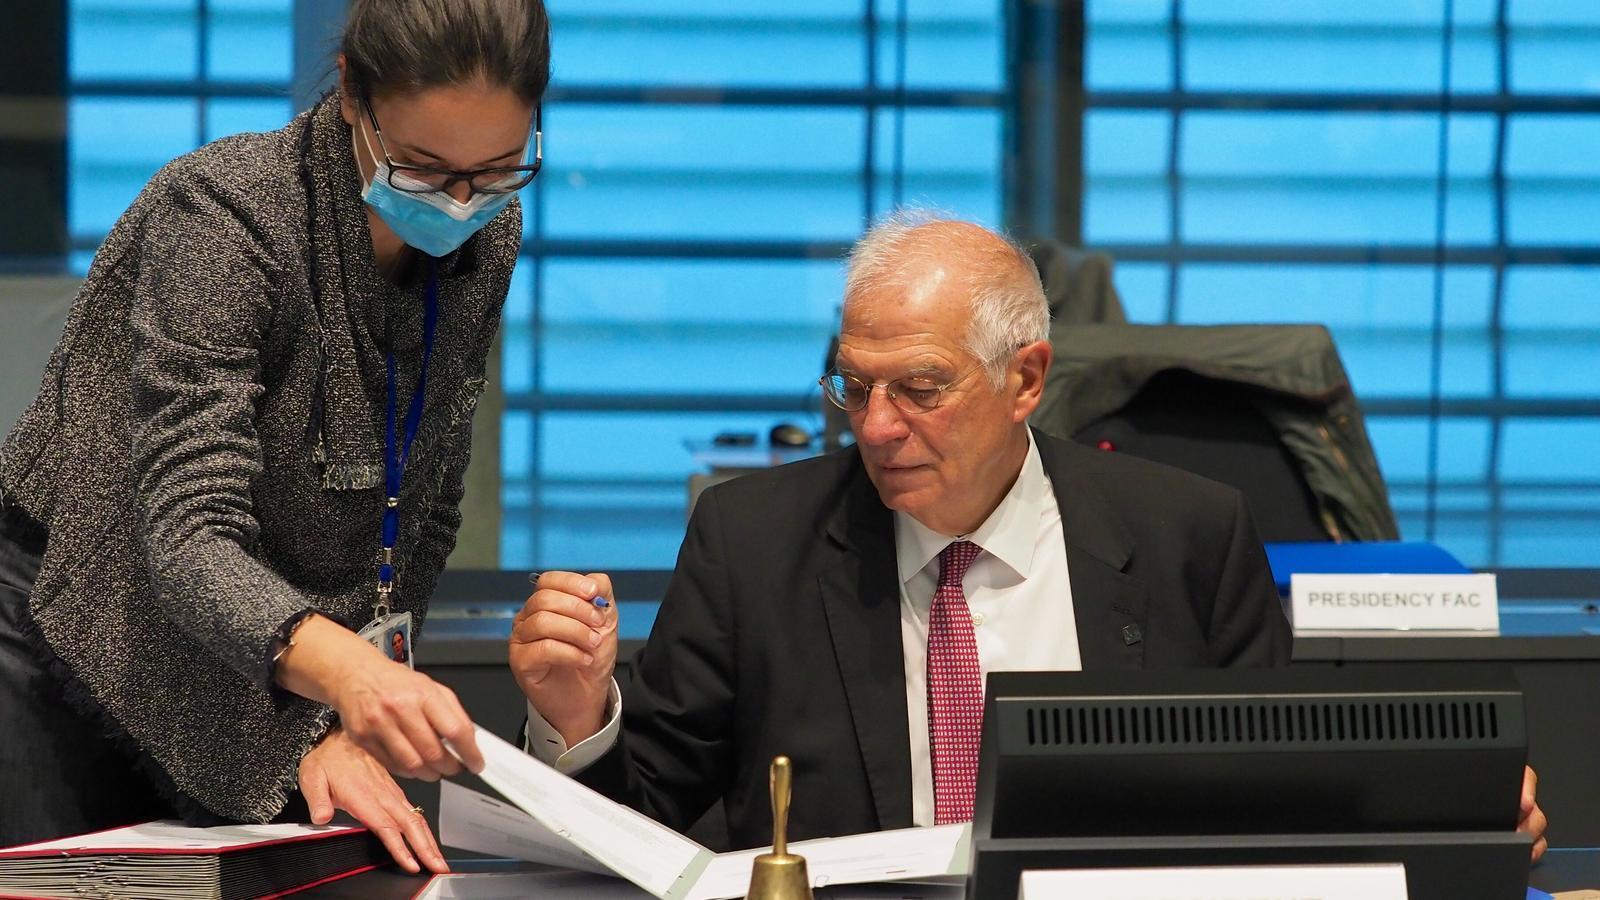 El vicepresident de la Comissió  Europea i alt representant de la UE, Josep Borrell.